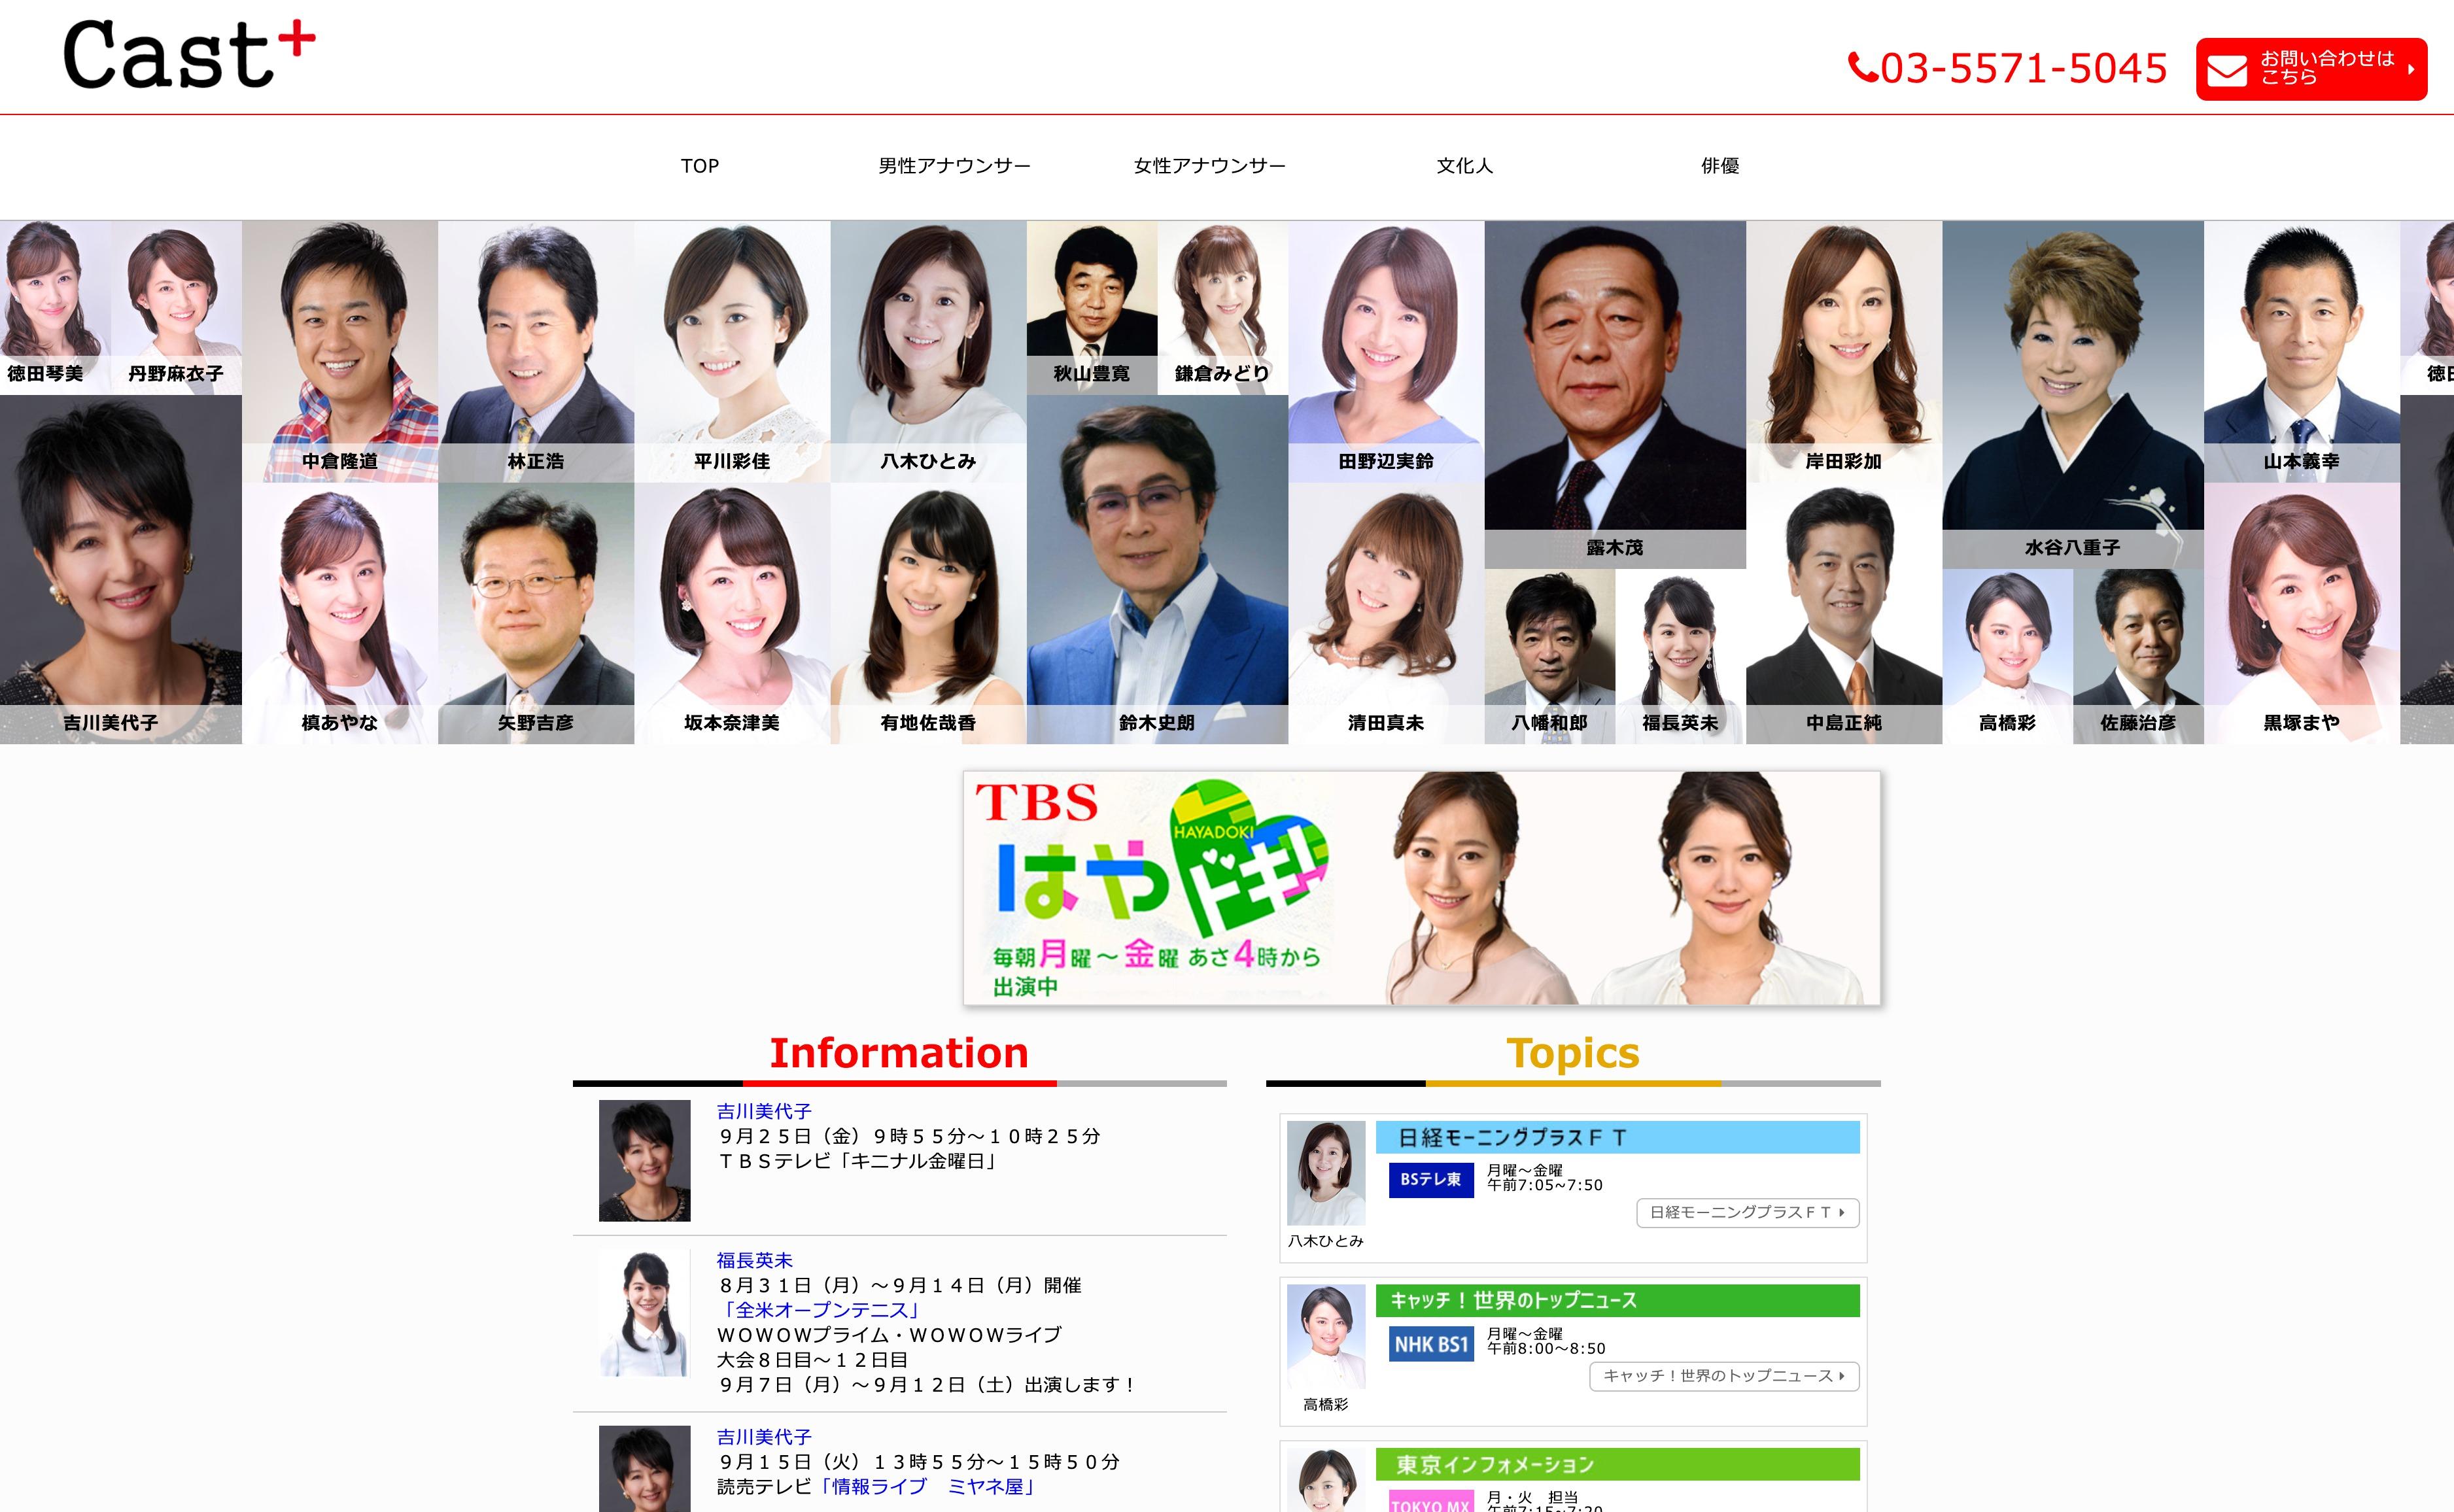 株式会社TBSスパークル Cast plus